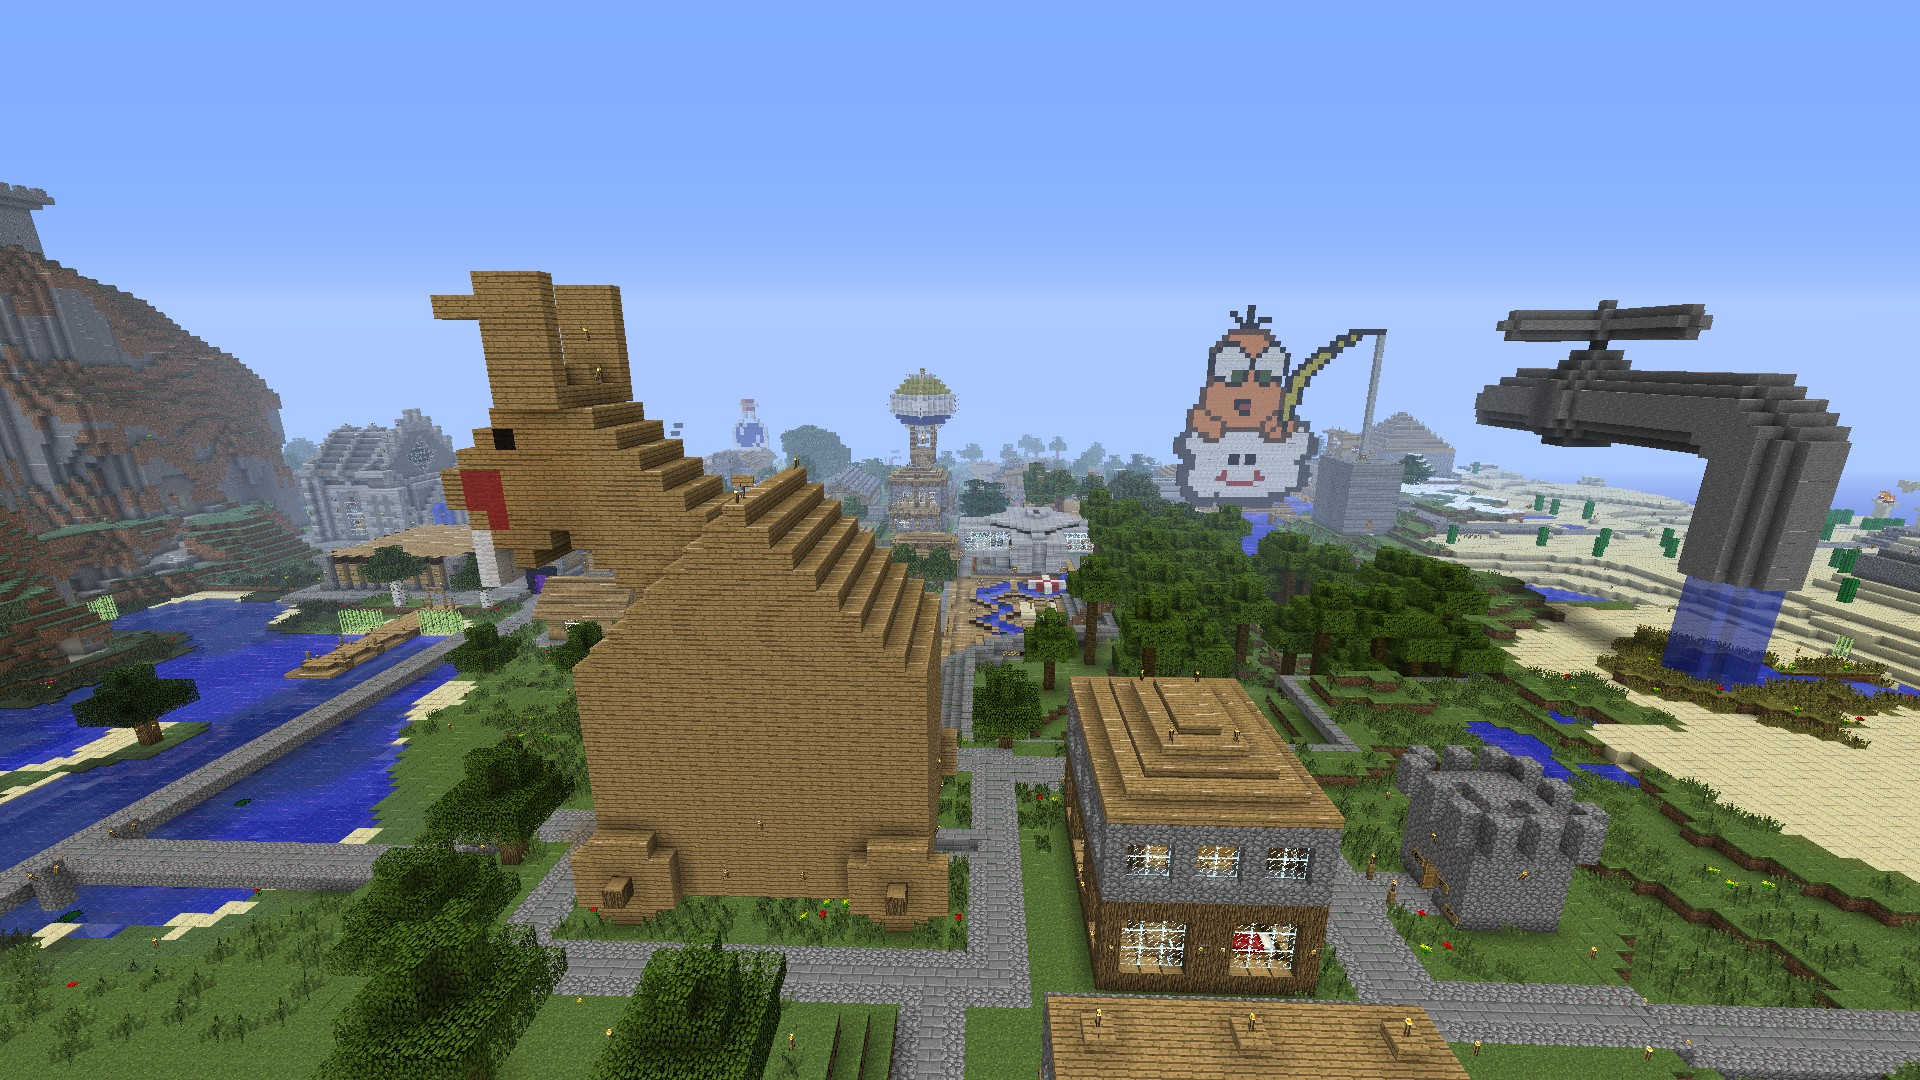 Minecraft 1 2 5 impressionen der mmo welt vom gg - Minecraft bilder ...